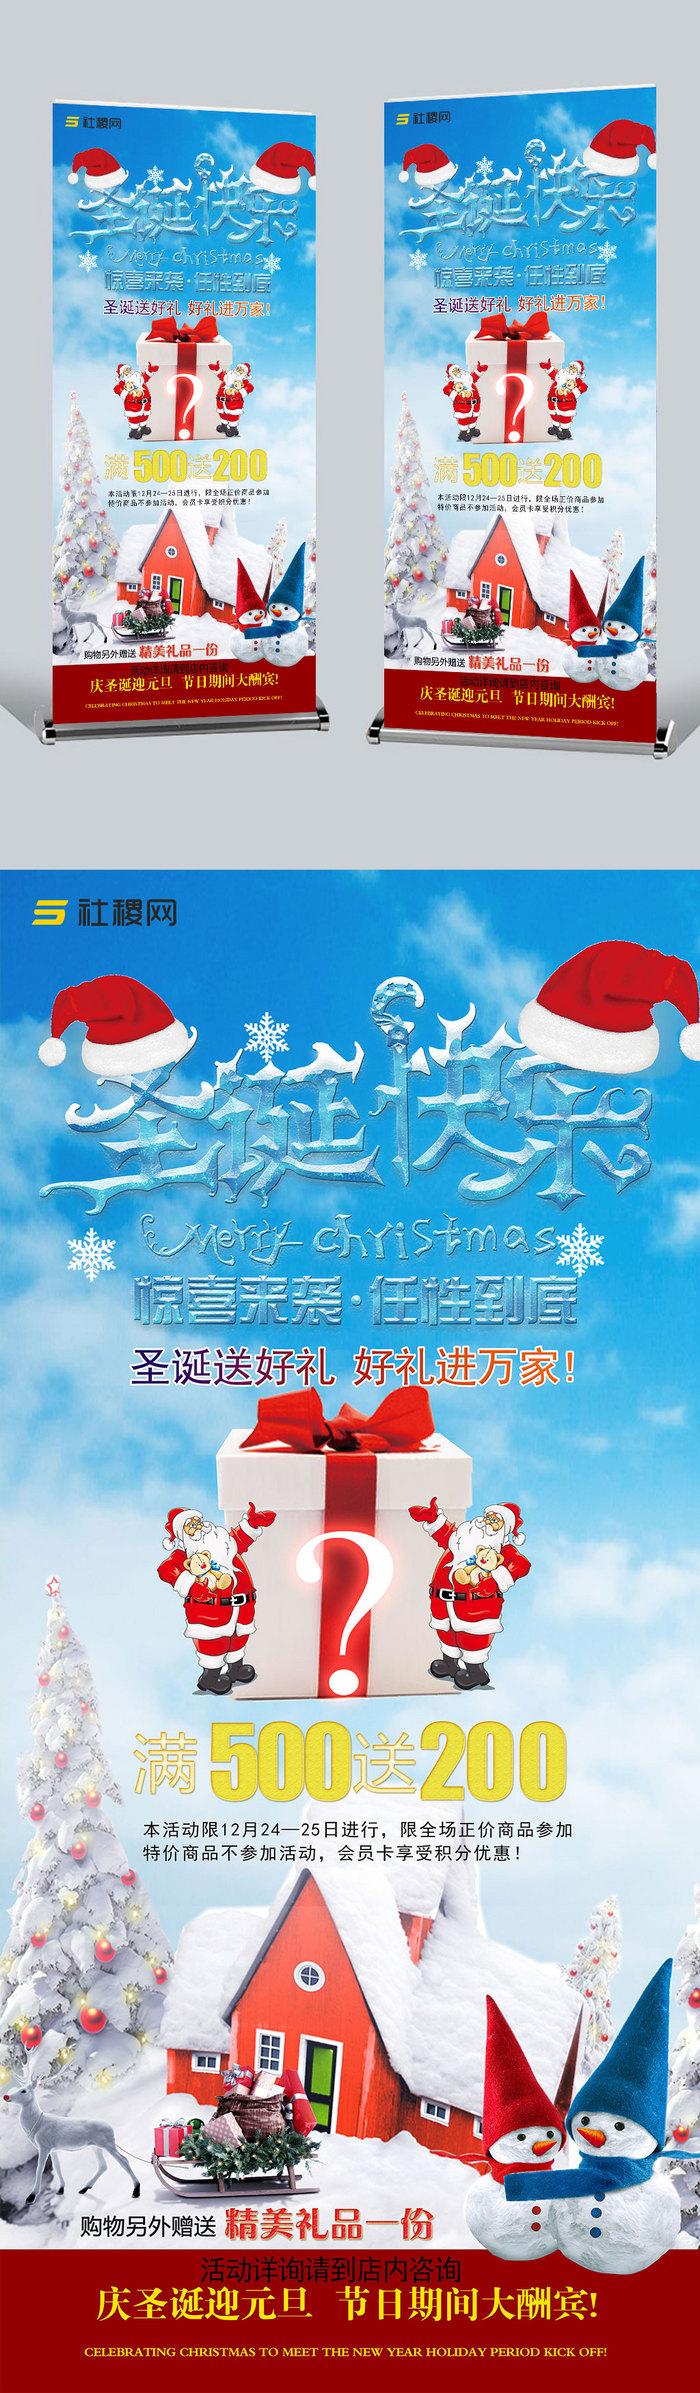 圣诞好礼促销展架